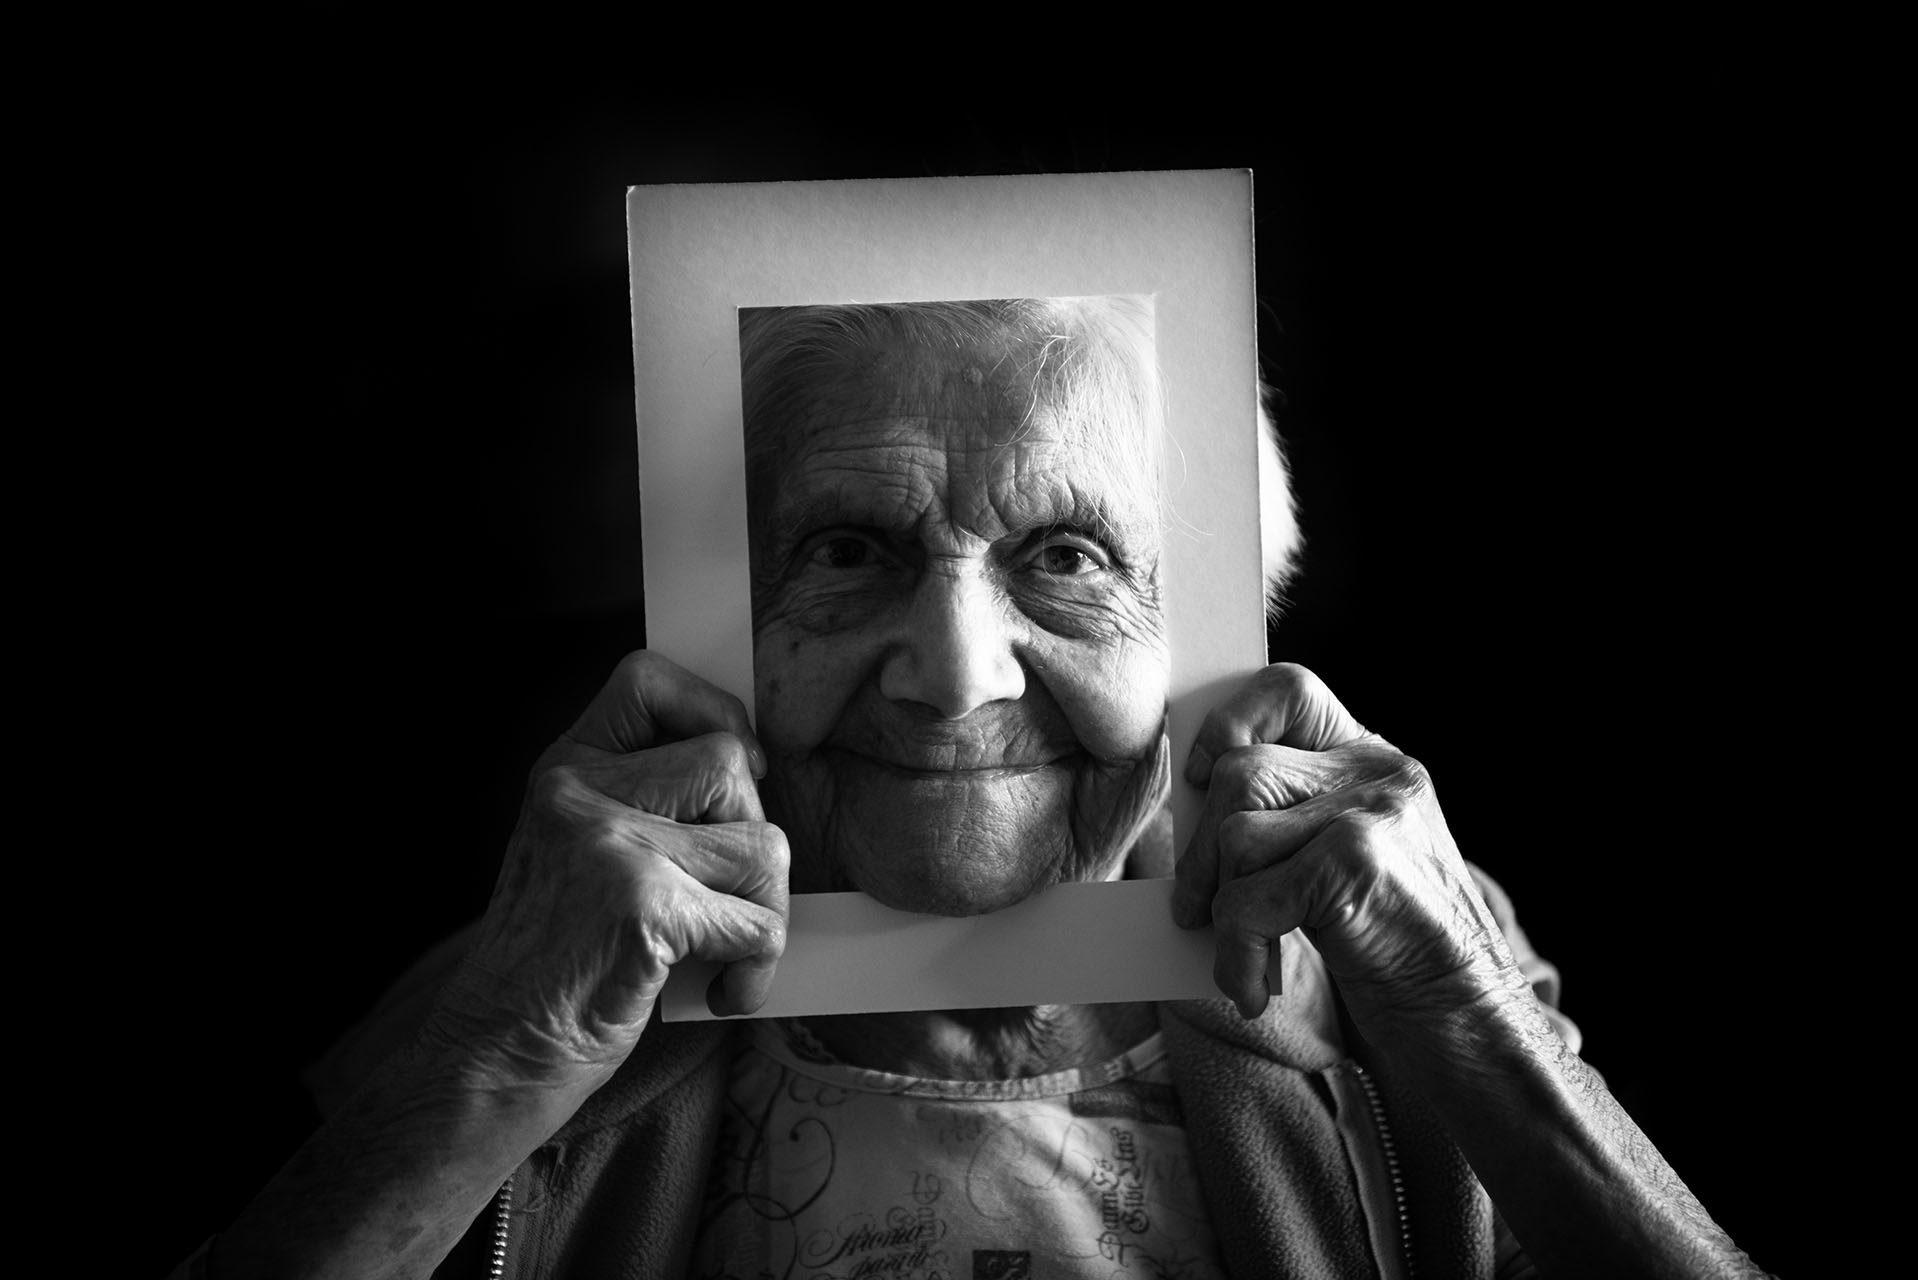 Photographe-ile-de-france-val-de-marne-residence-jean-23-l-hay-les-roses-sophie-centenaires